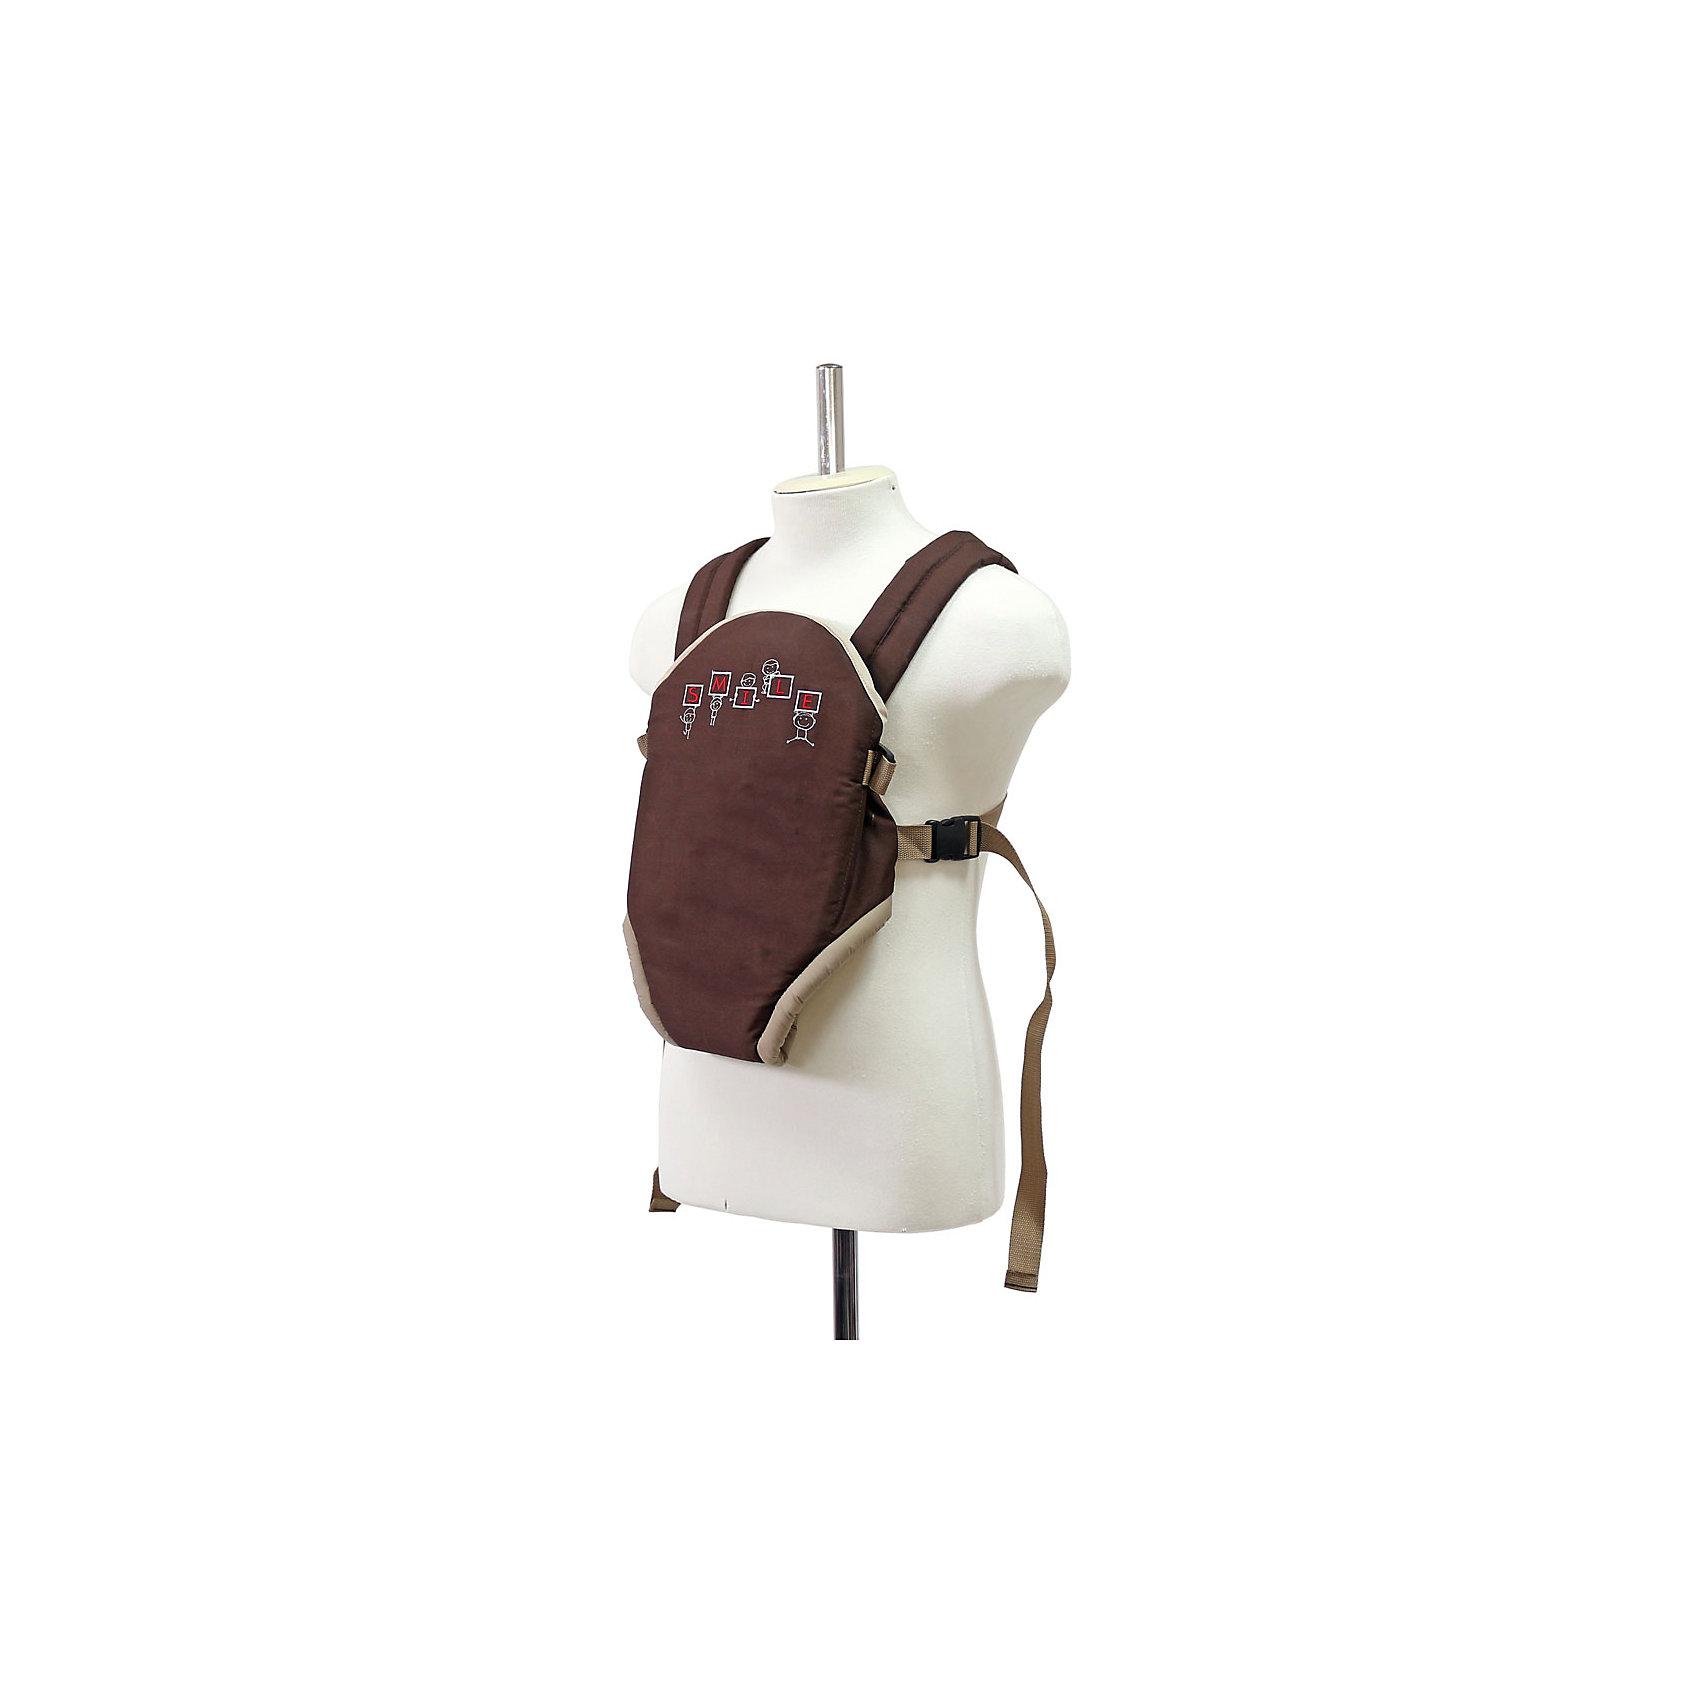 Рюкзак-кенгуру Классика, Топотушки, коричневыйСлинги и рюкзаки-переноски<br>Рюкзак-кенгуру Классика, Топотушки, коричневый<br><br>Характеристики:<br><br>-Возраст: от 2 до 12 месяцев<br>-Вес: от 3 до 11 кг<br>-Цвет: коричневый<br>-Расположение: лицом к родителю<br>-Жесткая спинка<br>-Крепление: пряжки, фиксаторы<br>-Регулируемая длина ремней<br>-Мягкие накладки на плечевые ремни<br><br>Рюкзак-кенгуру Классика, Топотушки, коричневый отлично подойдет для переноски малыша. Рюкзак-кенгуру сделает переноску малыша не только безопасной, но и комфортной. Благодаря жёсткой спинке, спина ребёнка будет зафиксирована, поэтому у него не возникнет боли или дискомфорта. Так же переноска малыша станет комфортна и для родителя. Благодаря мягким накладкам, плечевые ремни не будет натирать кожу. Также регулируемые ремни позволят расположить ребёнка в удобном положении для родителя. <br><br>Рюкзак-кенгуру Классика, Топотушки, коричневый можно приобрести в нашем интернет-магазине.<br><br>Ширина мм: 400<br>Глубина мм: 260<br>Высота мм: 10<br>Вес г: 300<br>Возраст от месяцев: 2<br>Возраст до месяцев: 12<br>Пол: Унисекс<br>Возраст: Детский<br>SKU: 5086323